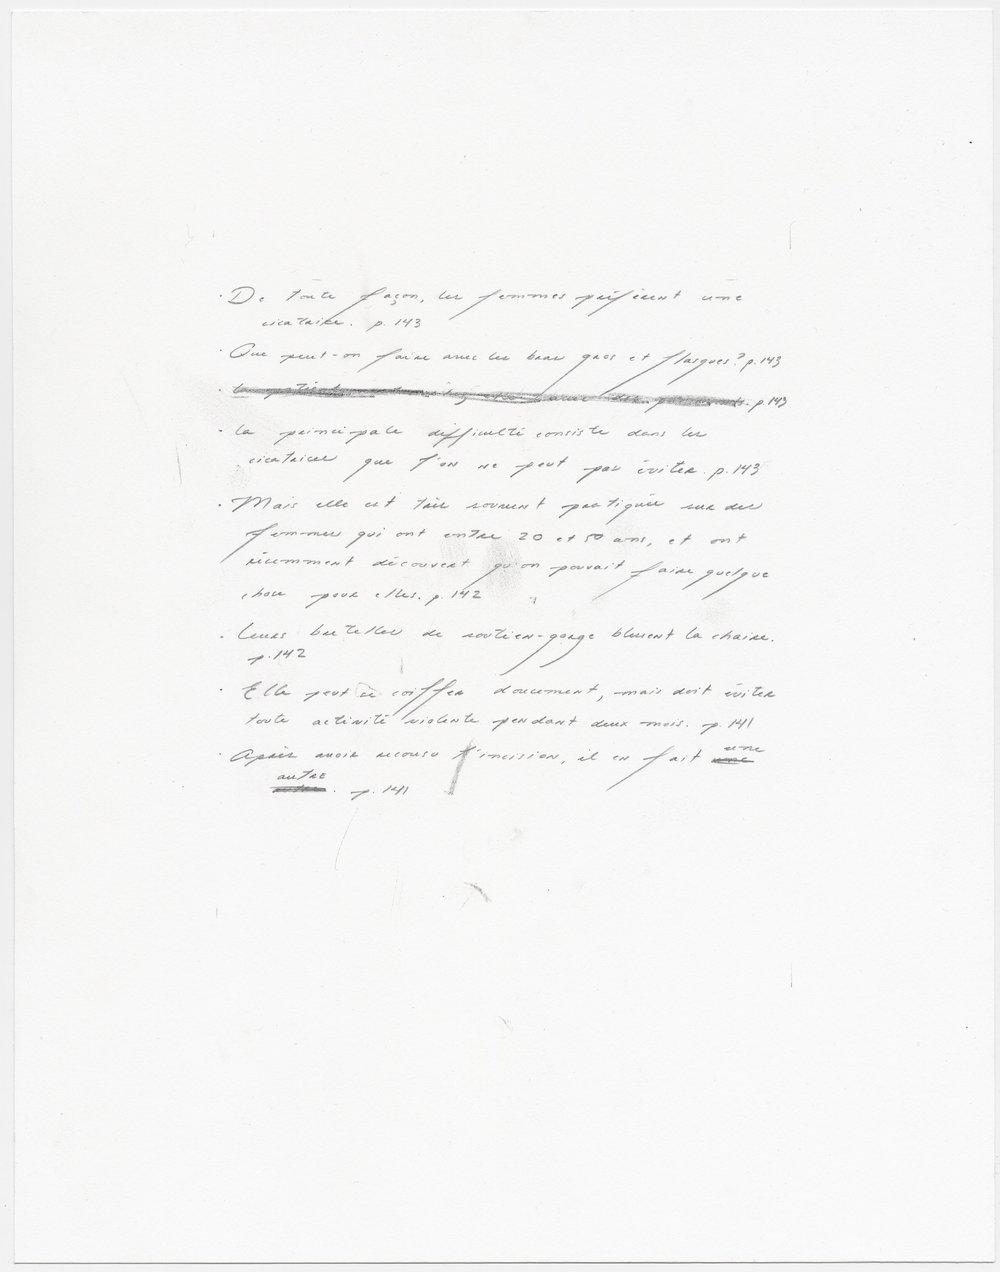 © Sophie Jodoin, %22elle commence ici 17%22, graphite et transfert carbone sur papier Stonehenge : graphite and carbone transfer on Stonehenge paper, 35,5 x 28 cm, 2018. Courtesy Galerie C.jpg